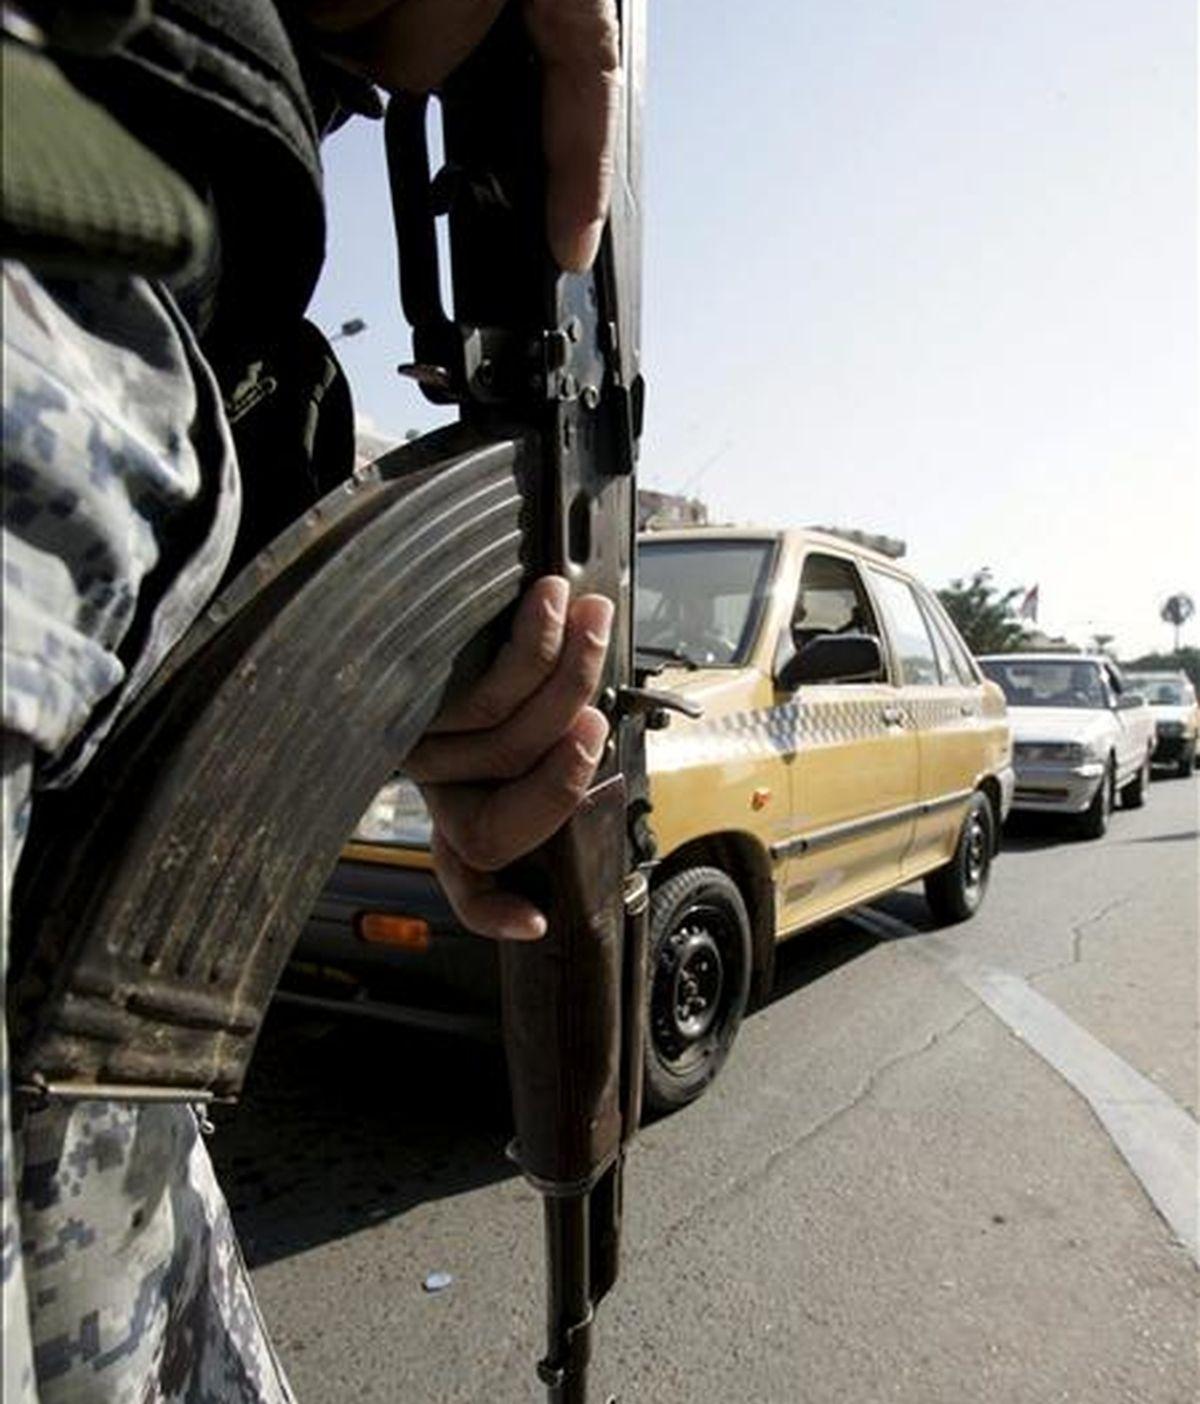 Un policía iraquí hace guardia en un punto de control en el centro de Bagdad en Irak. EFE/Archivo